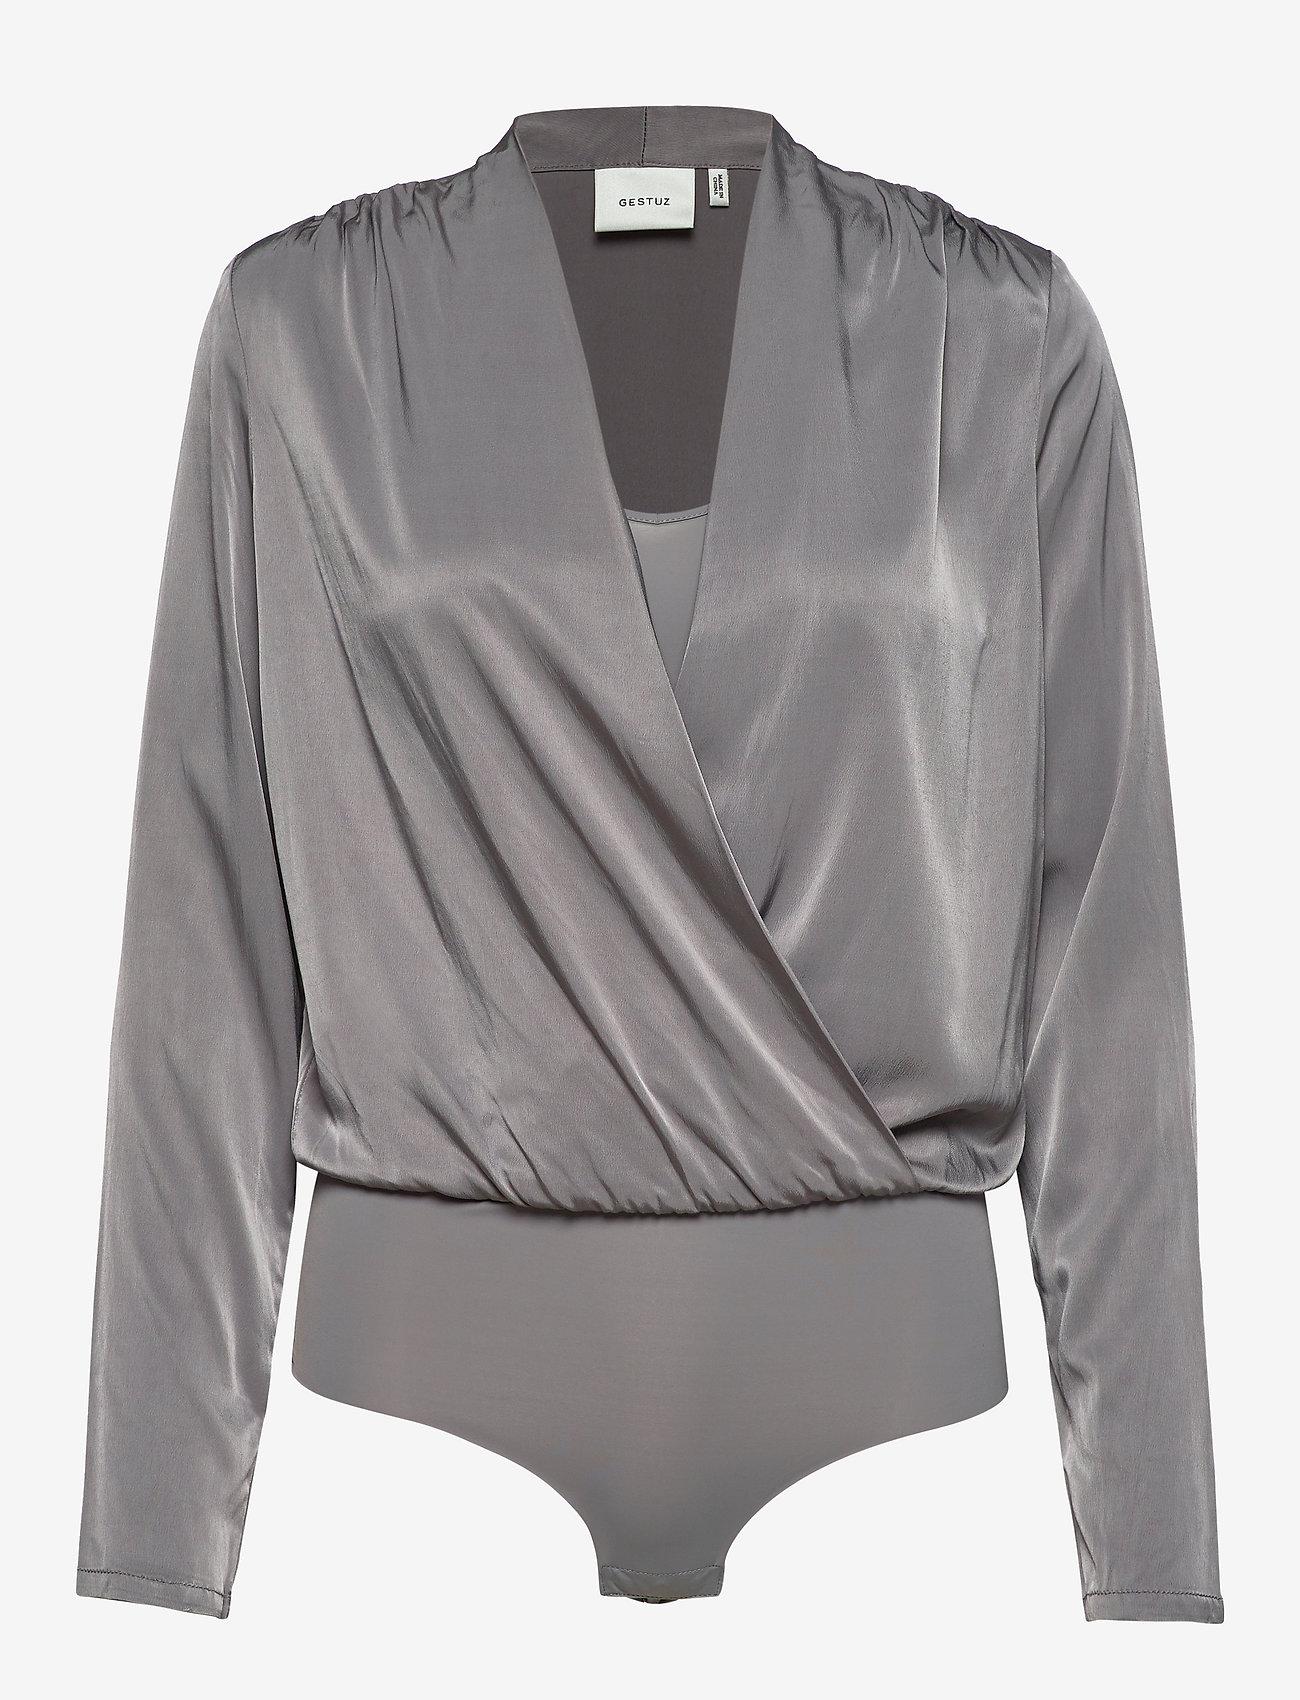 Gestuz - RosieGZ body - bodies - gray flannel